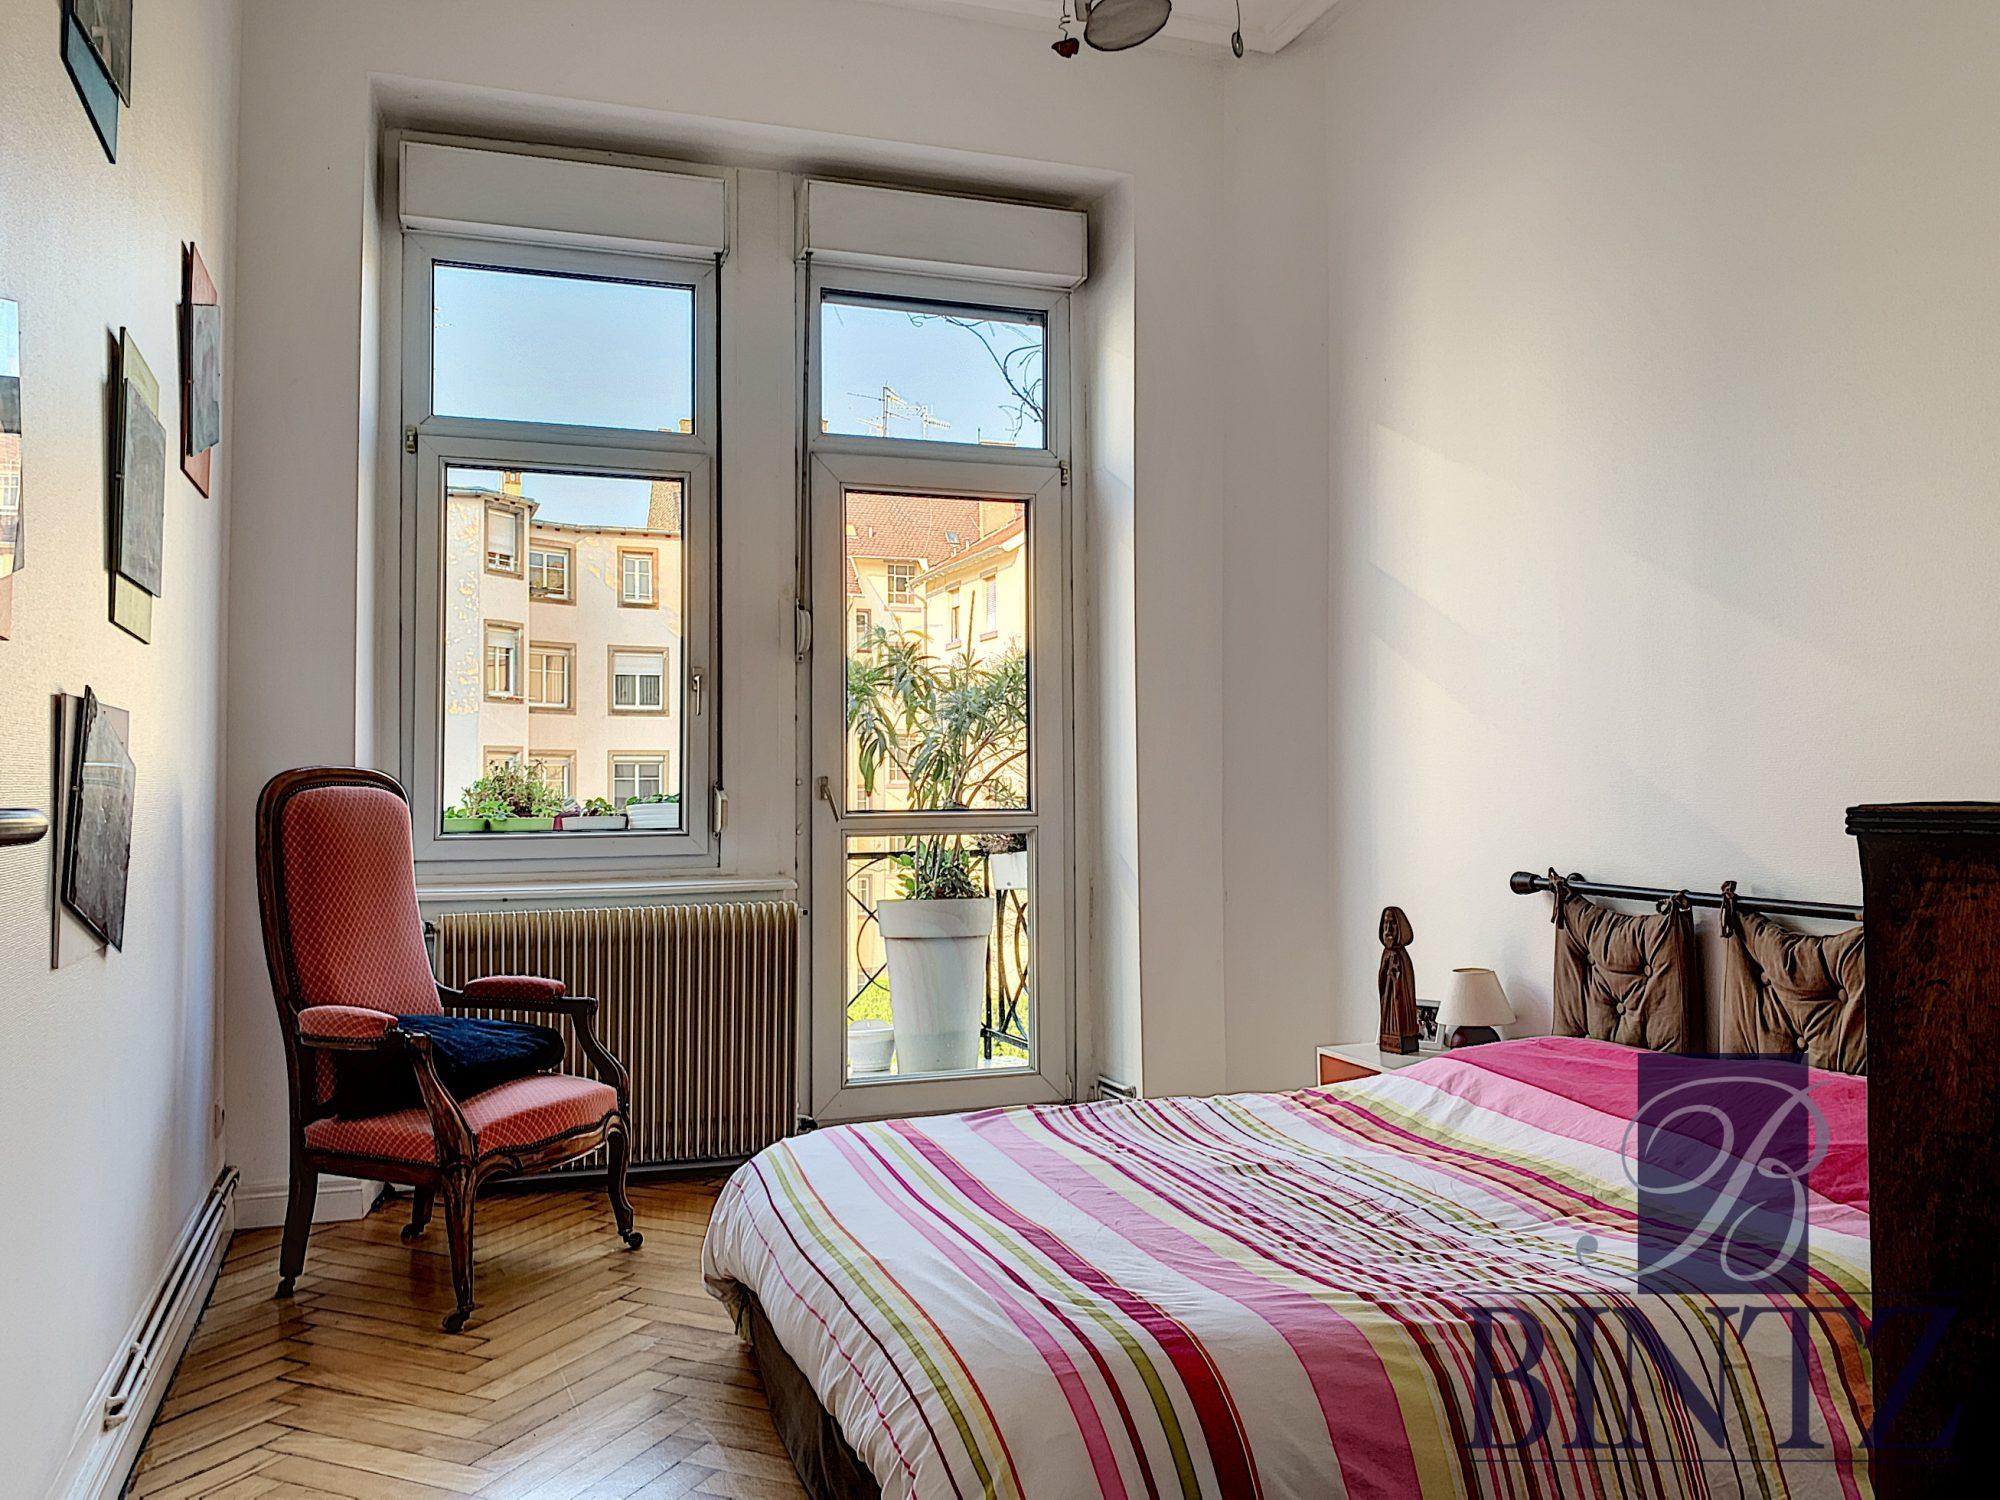 Appartement contemporain quartier forêt noire - Devenez propriétaire en toute confiance - Bintz Immobilier - 9